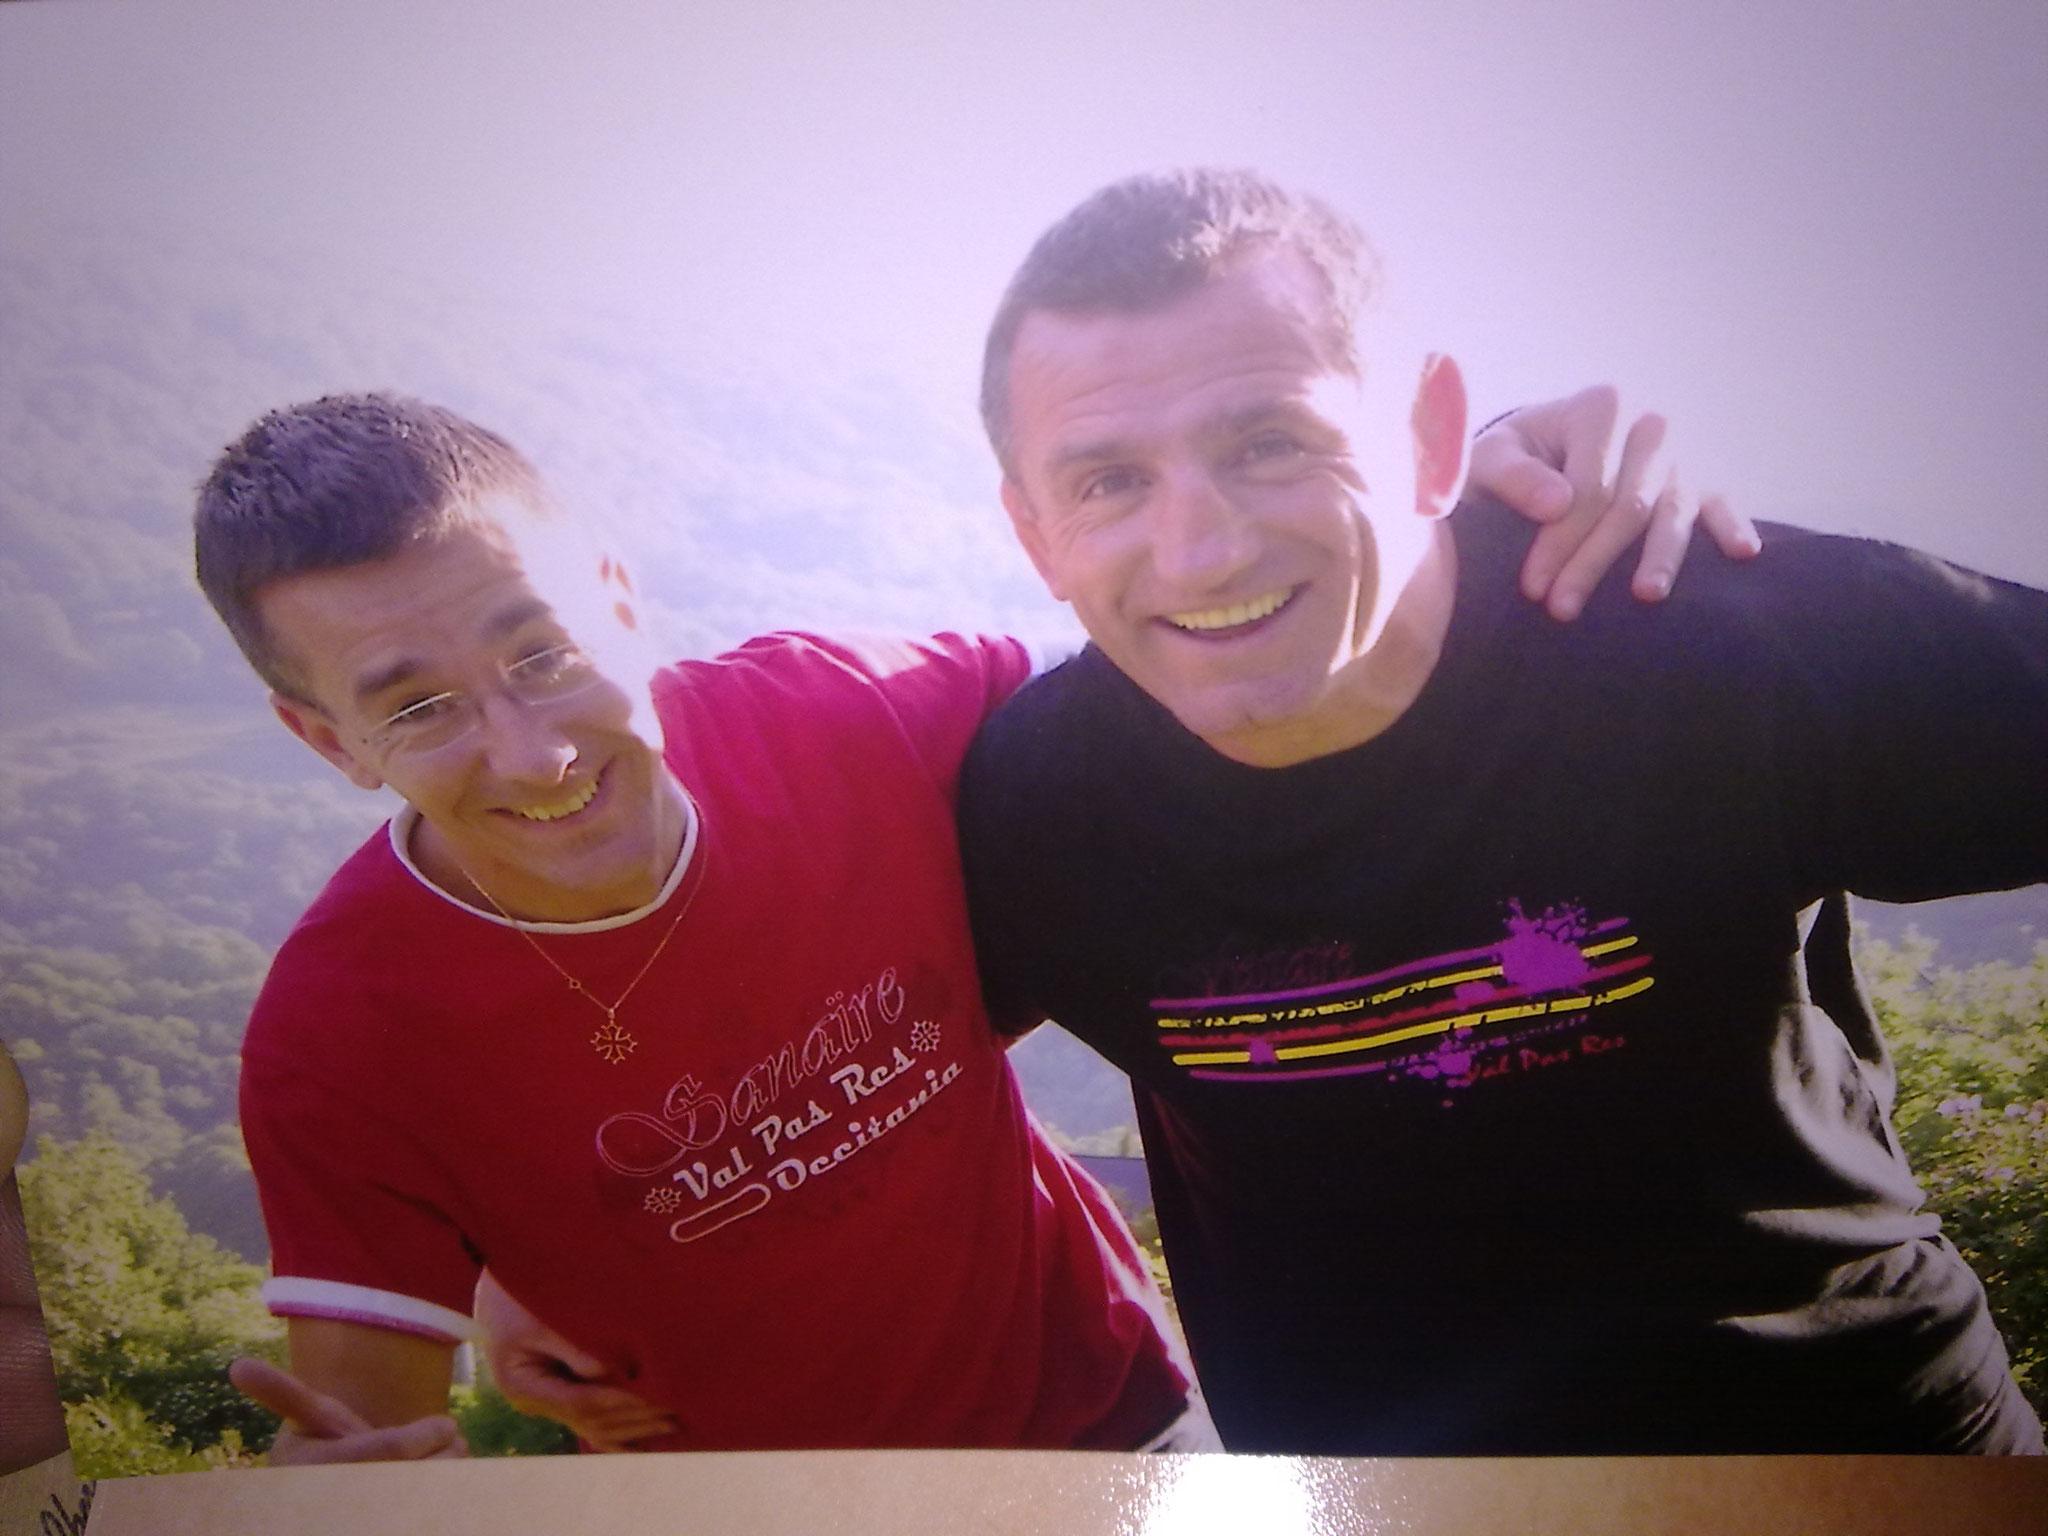 Avec mon ami Louisou ARMARY, pilier, ancien capitaine de l'équipe de France et 3 participations à la coupe du Monde.